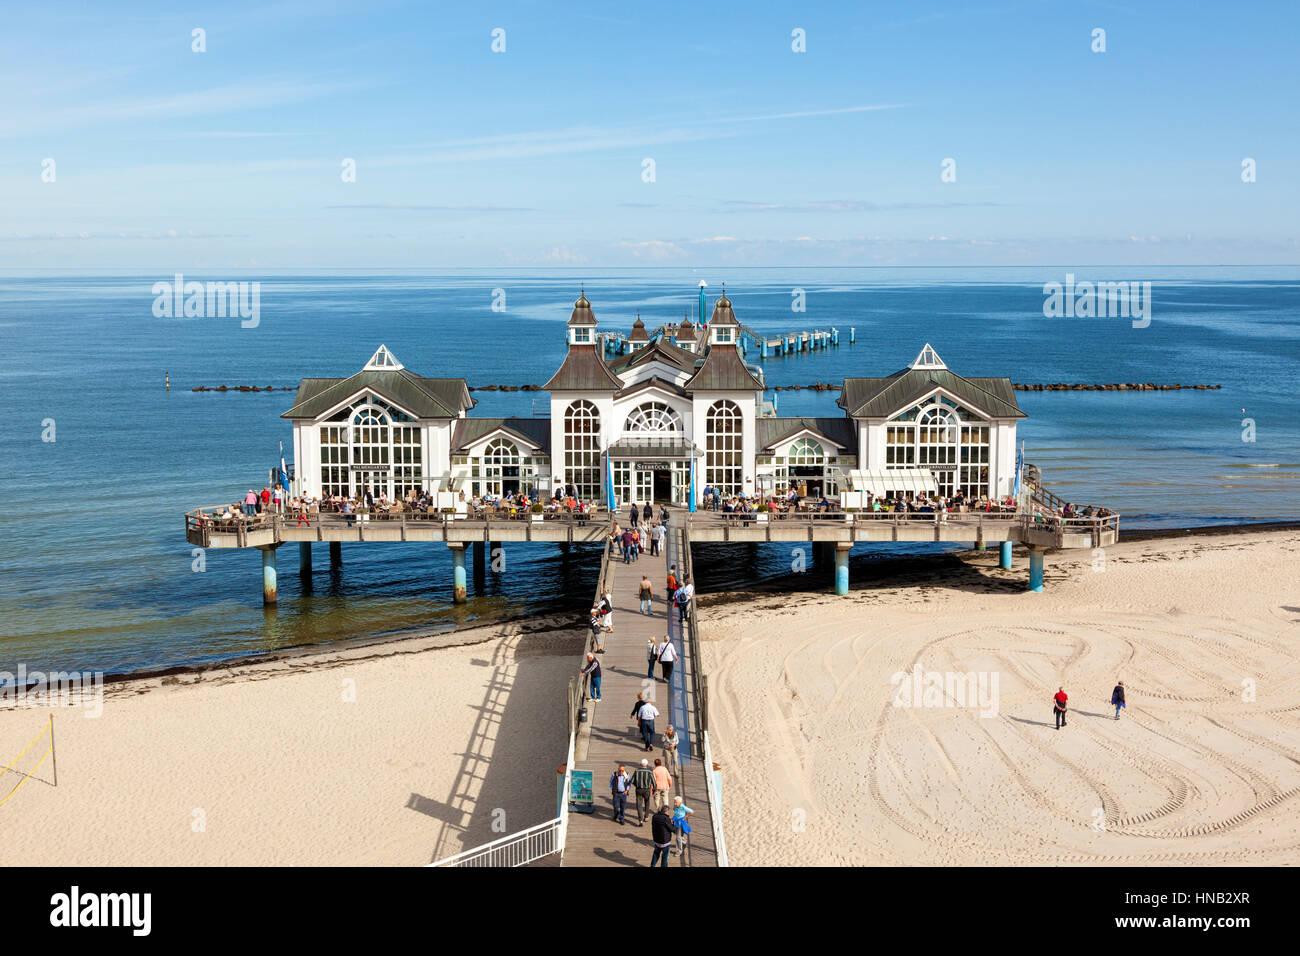 Sellin, Germania - 22 Settembre 2016: i turisti che visitano il centro storico molo presso il Mar Baltico beach Immagini Stock